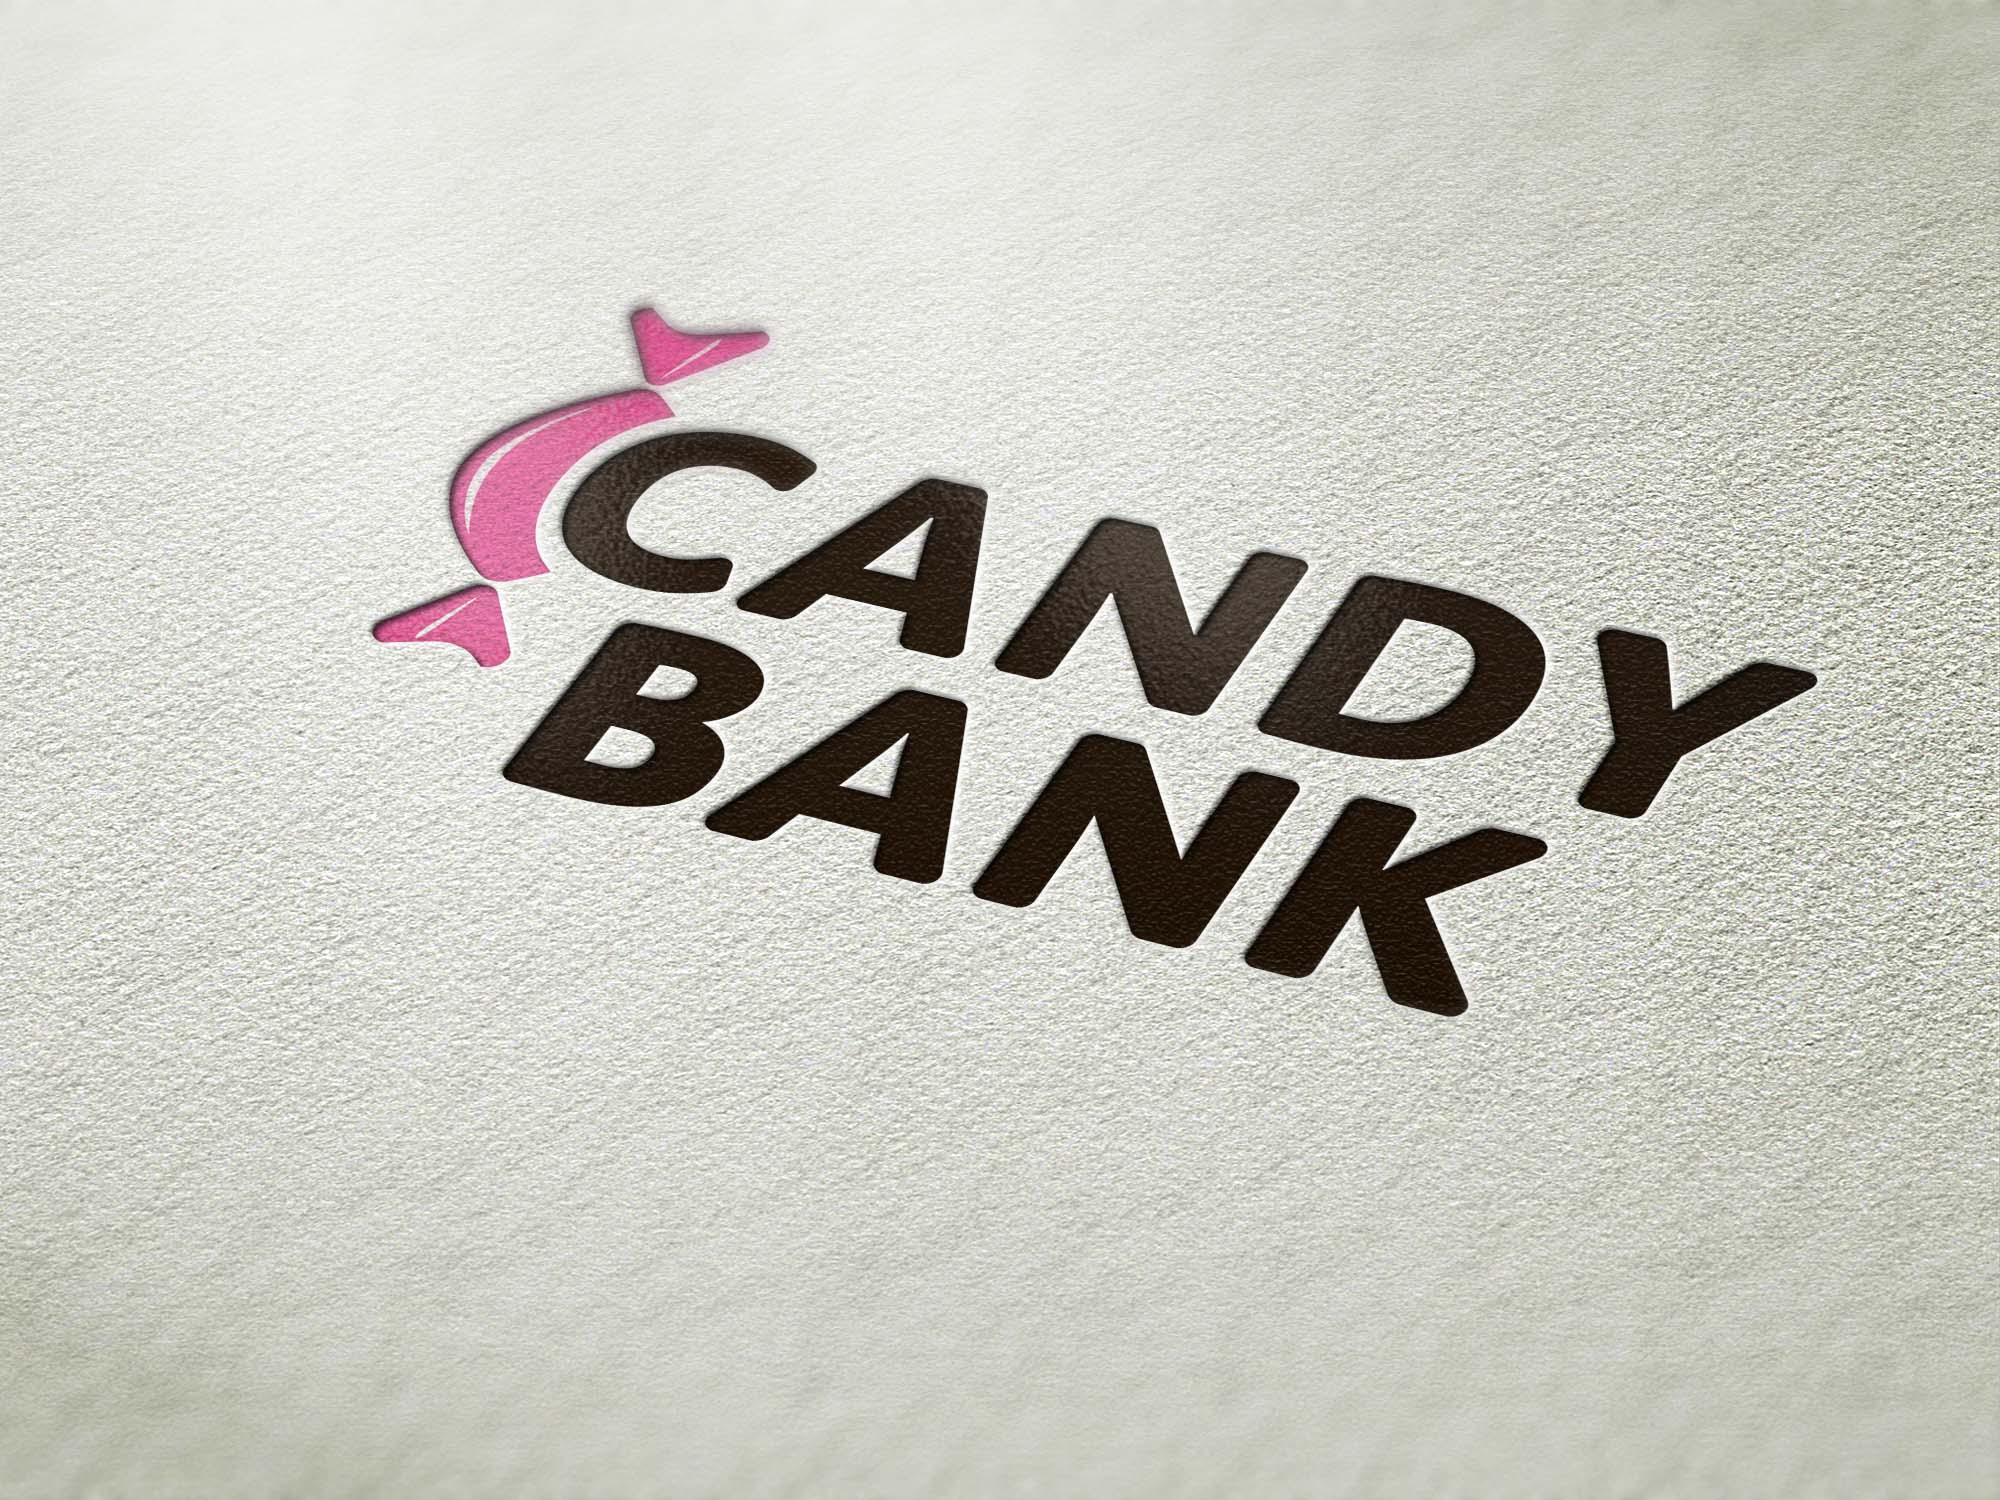 Логотип для международного банка фото f_7395d692dcc89f74.jpg